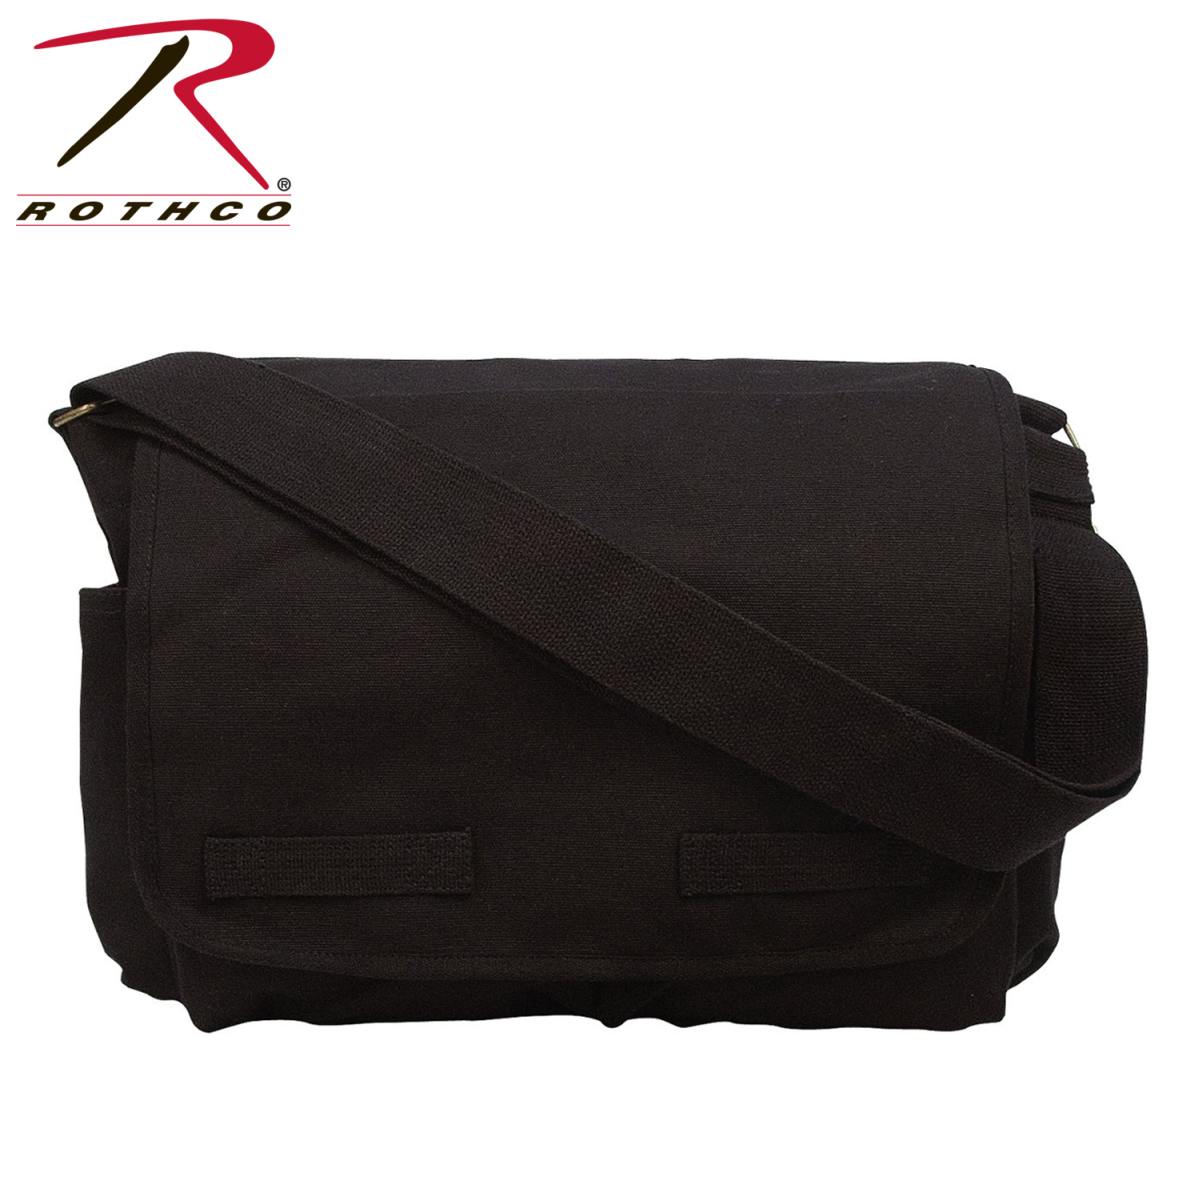 Rothco 9118 The Classic Black Messenger Bag 15/'/' X 11/'/' X 6/'/'